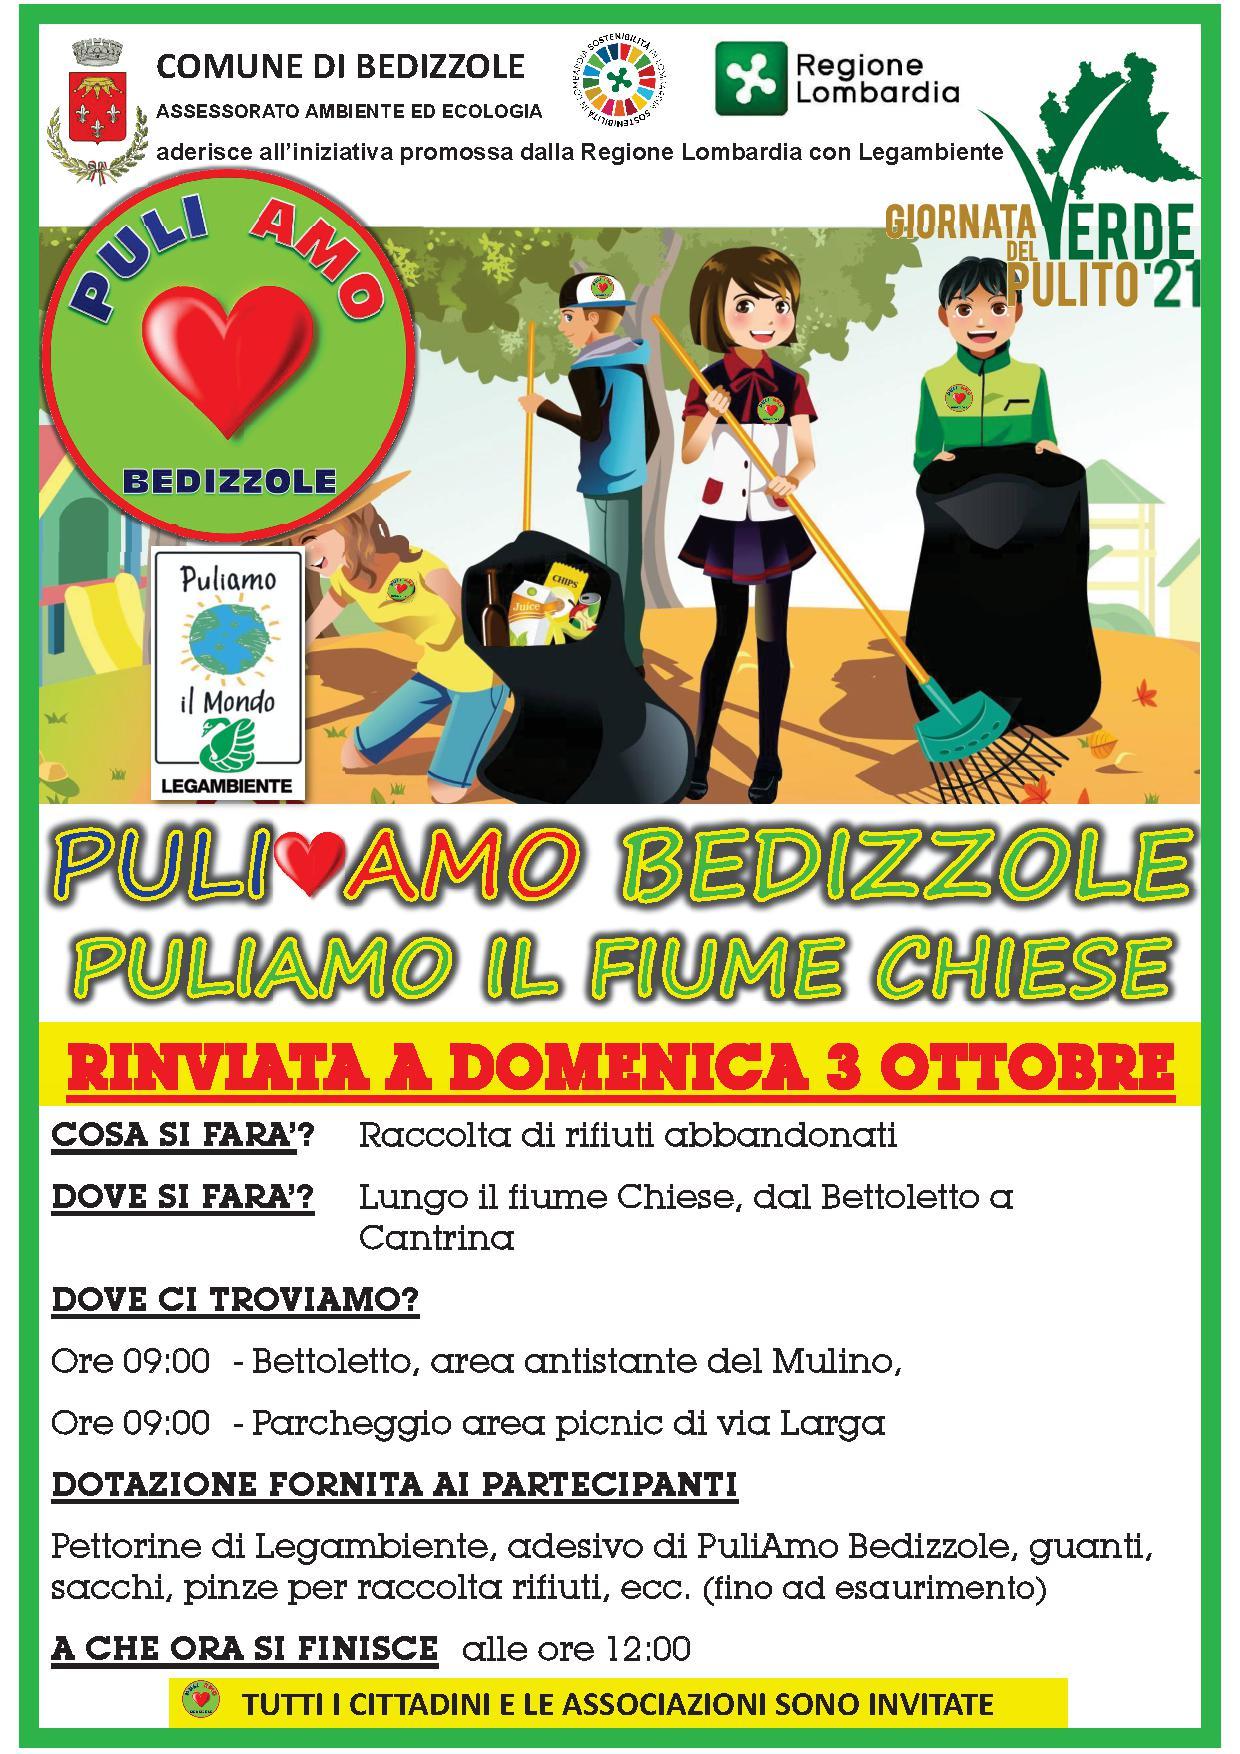 PuliAMO Bedizzole - Edizione 2021